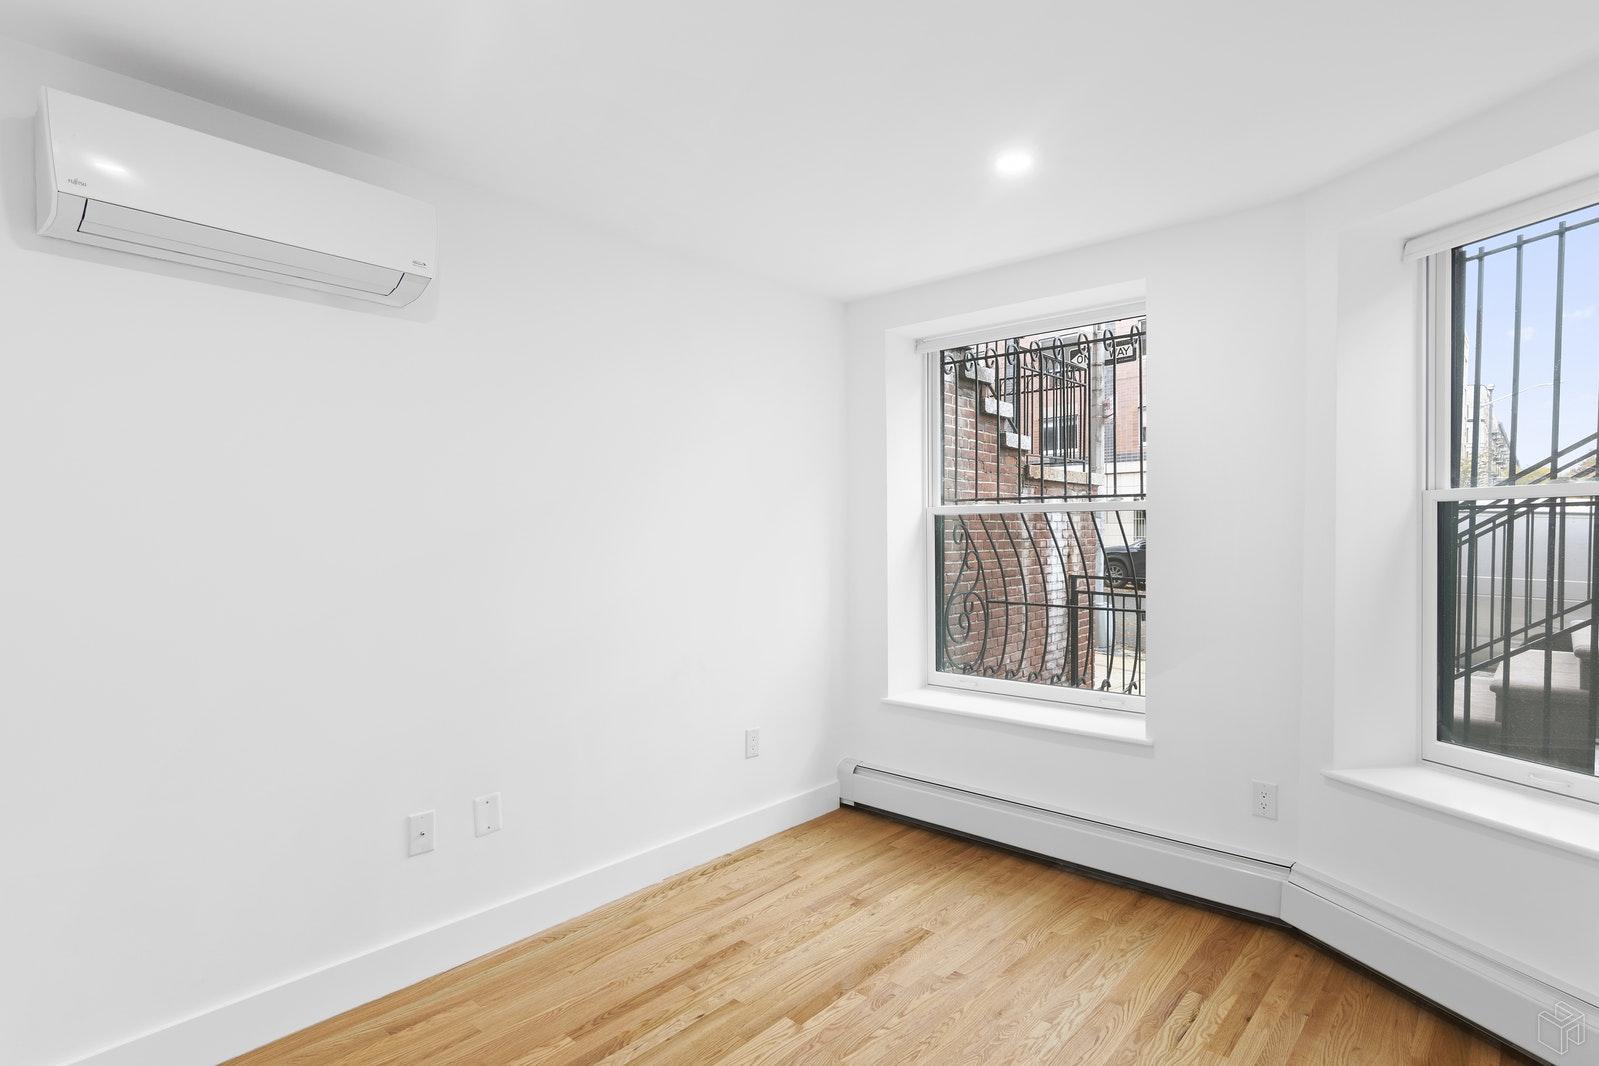 39 BRADHURST AVENUE 1, Central Harlem, $4,950, Web #: 19177438